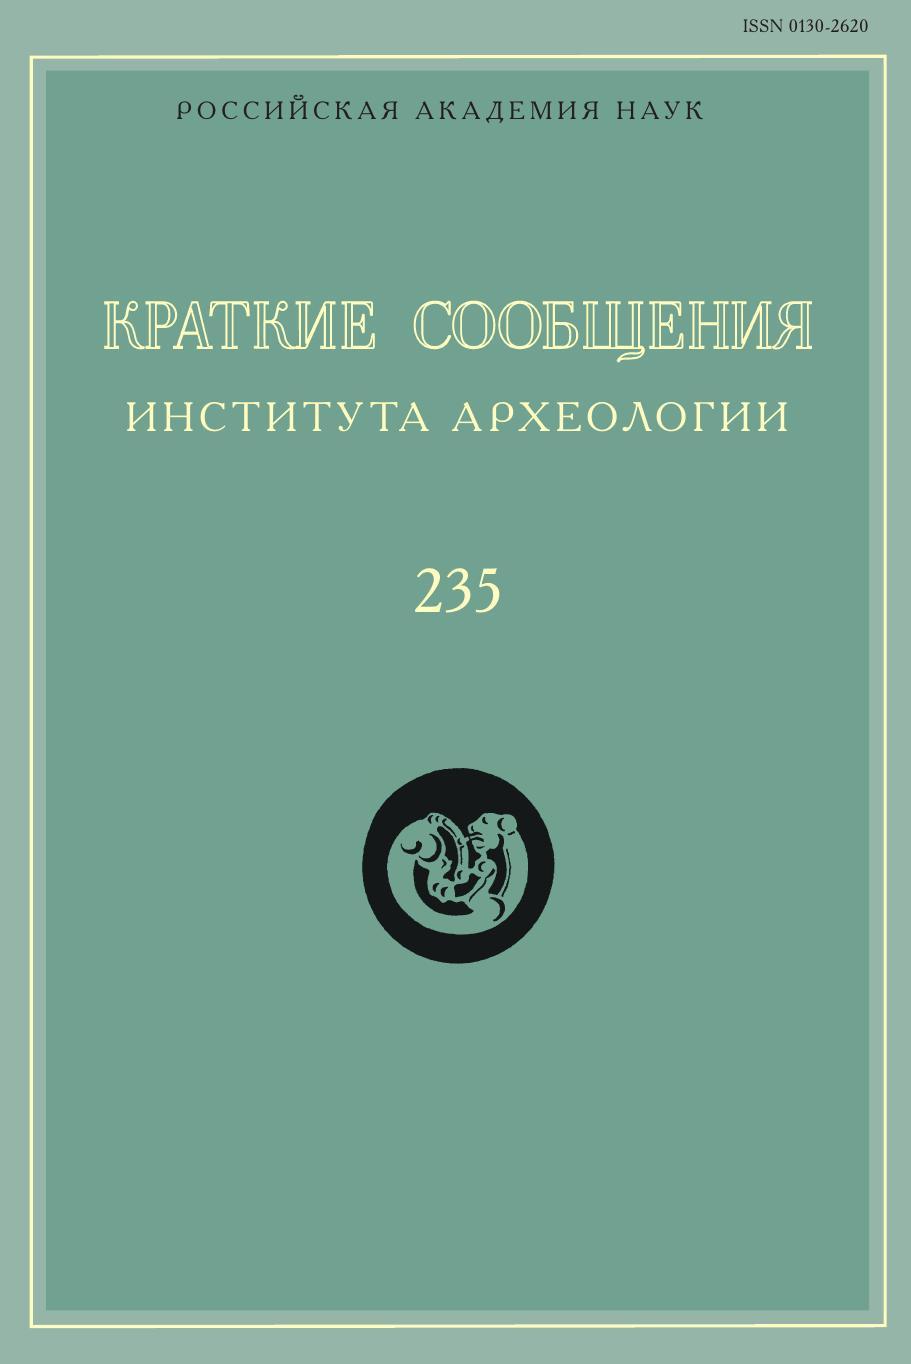 Н. Макаров Краткие сообщения Института археологии. Выпуск 235 краткие сообщения института археологии выпуск 235